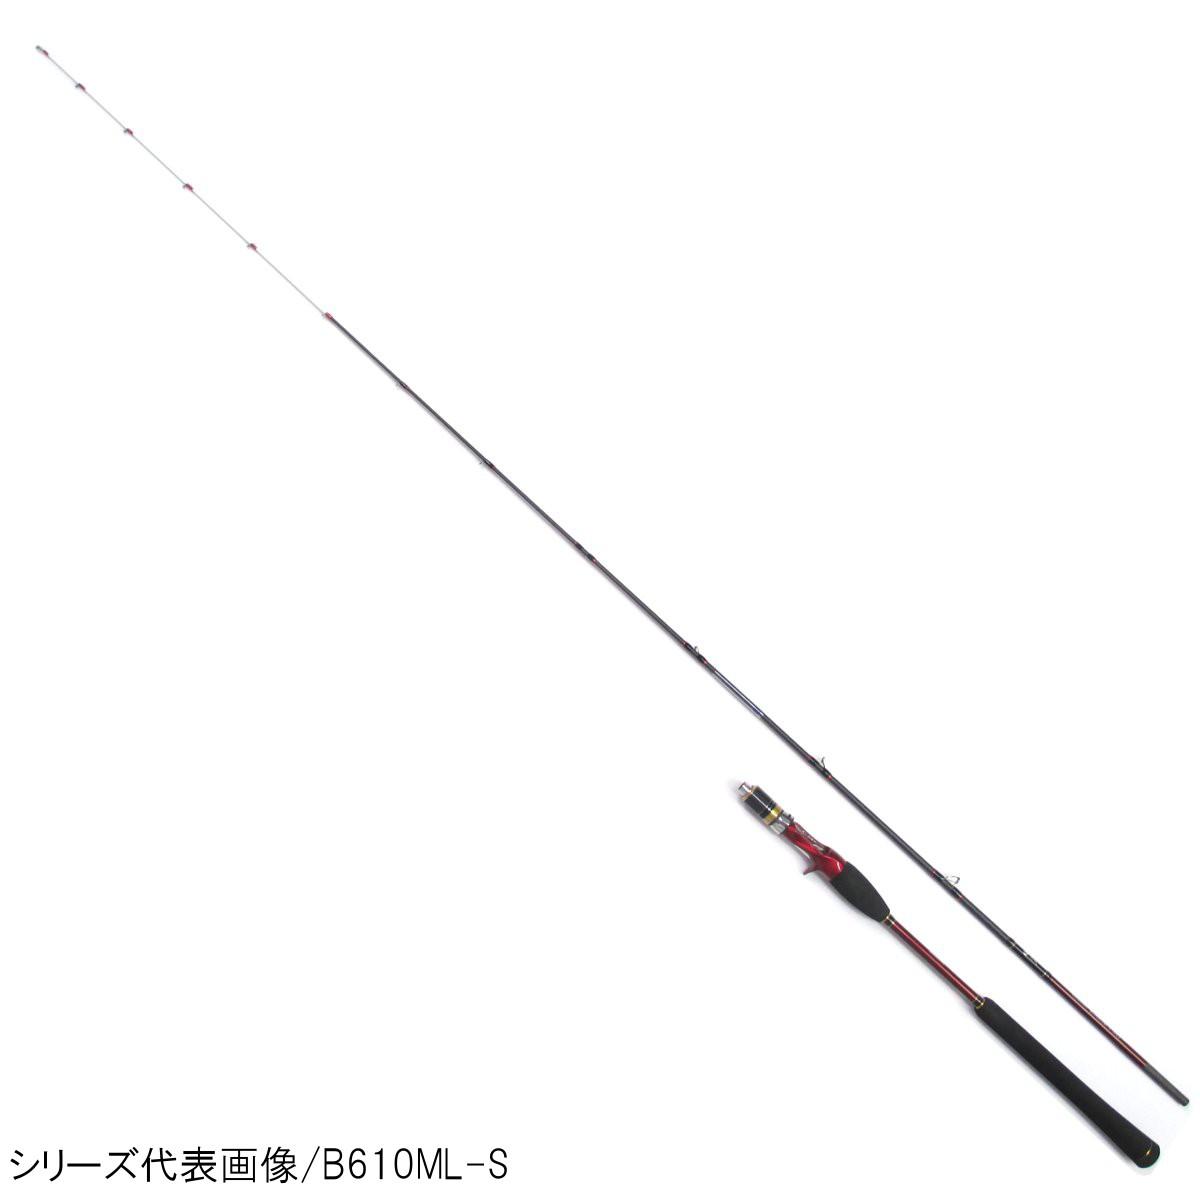 シマノ ゲーム炎月 B610M-S【大型商品】